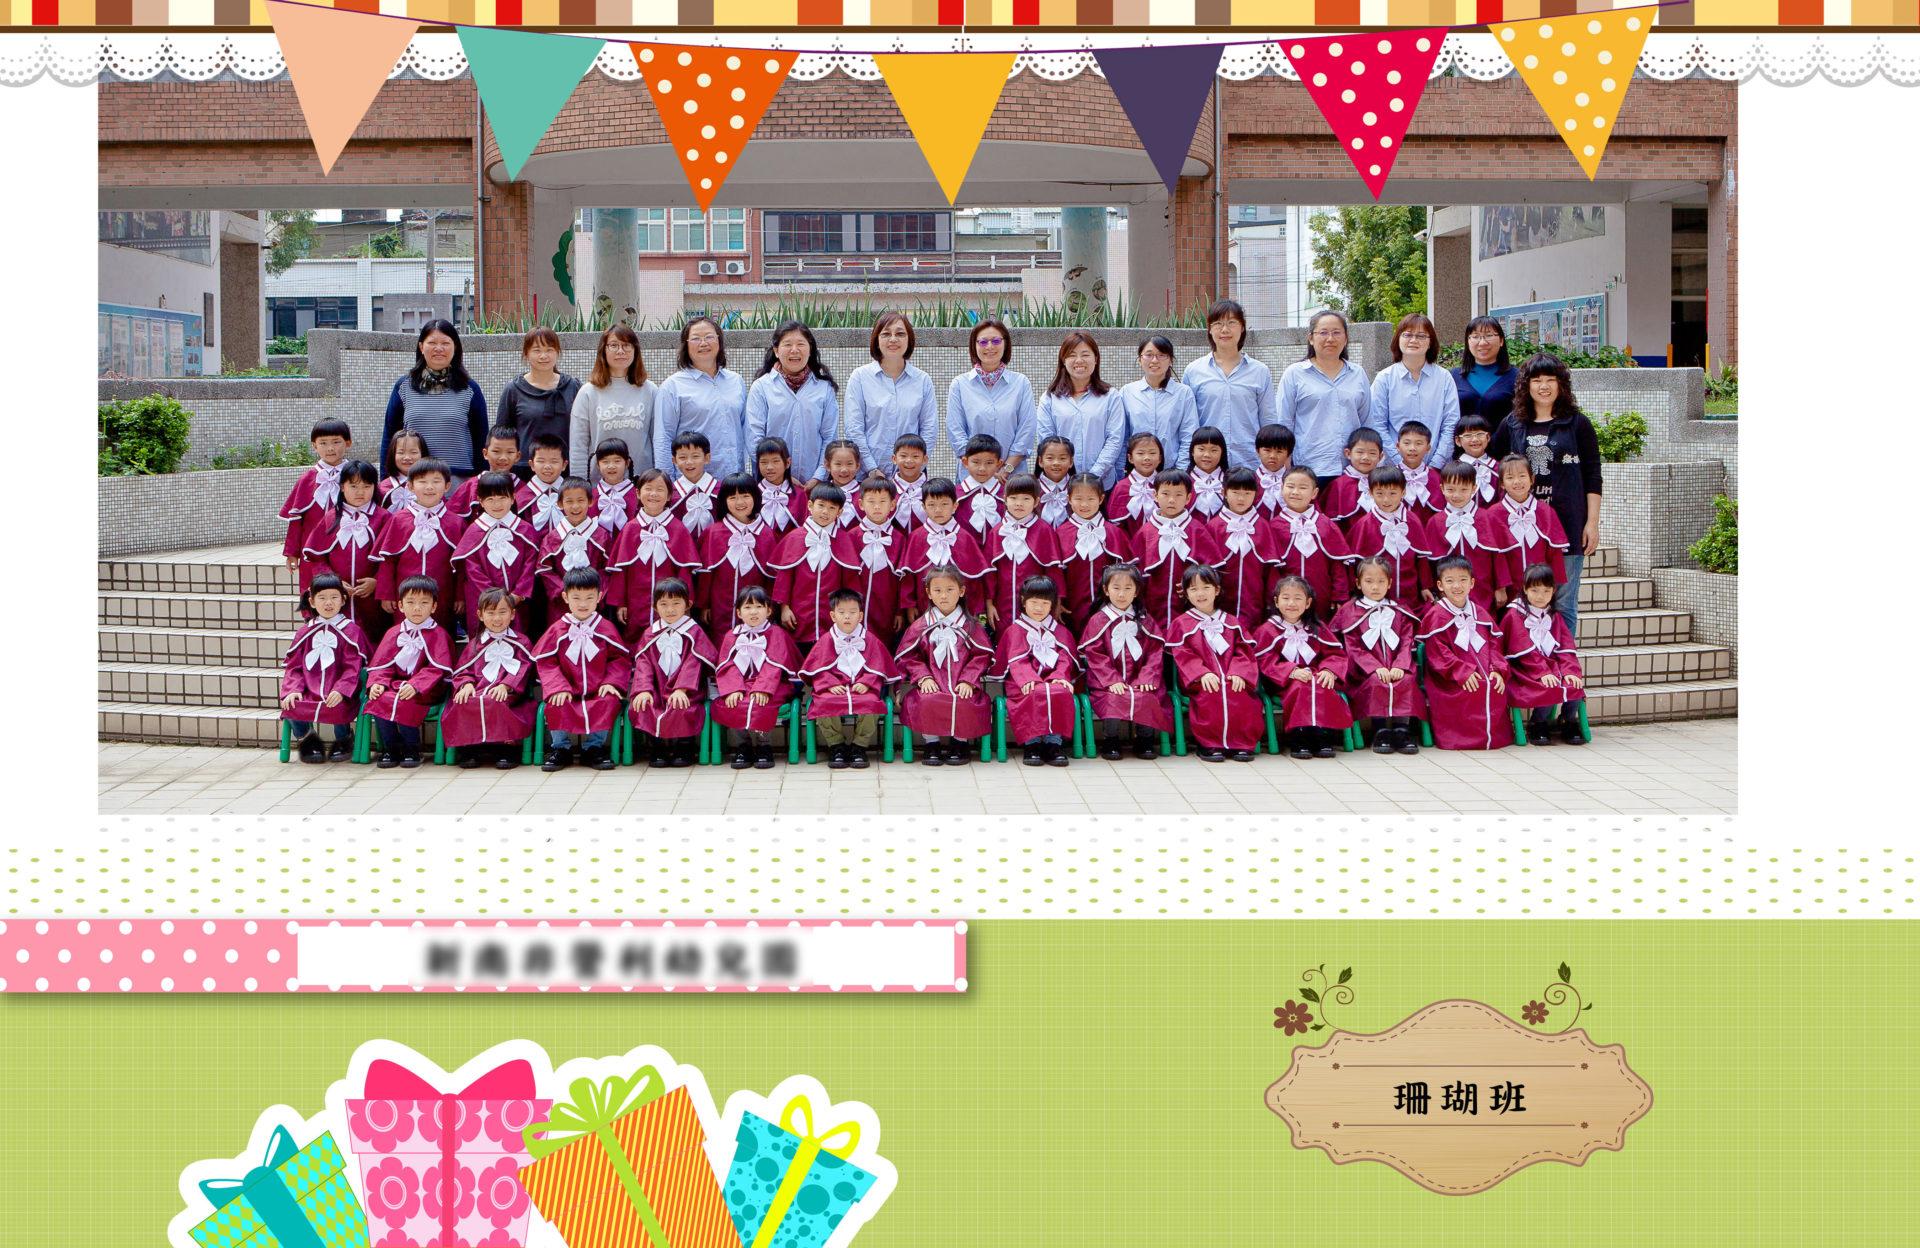 25.林言禧-1 拷貝